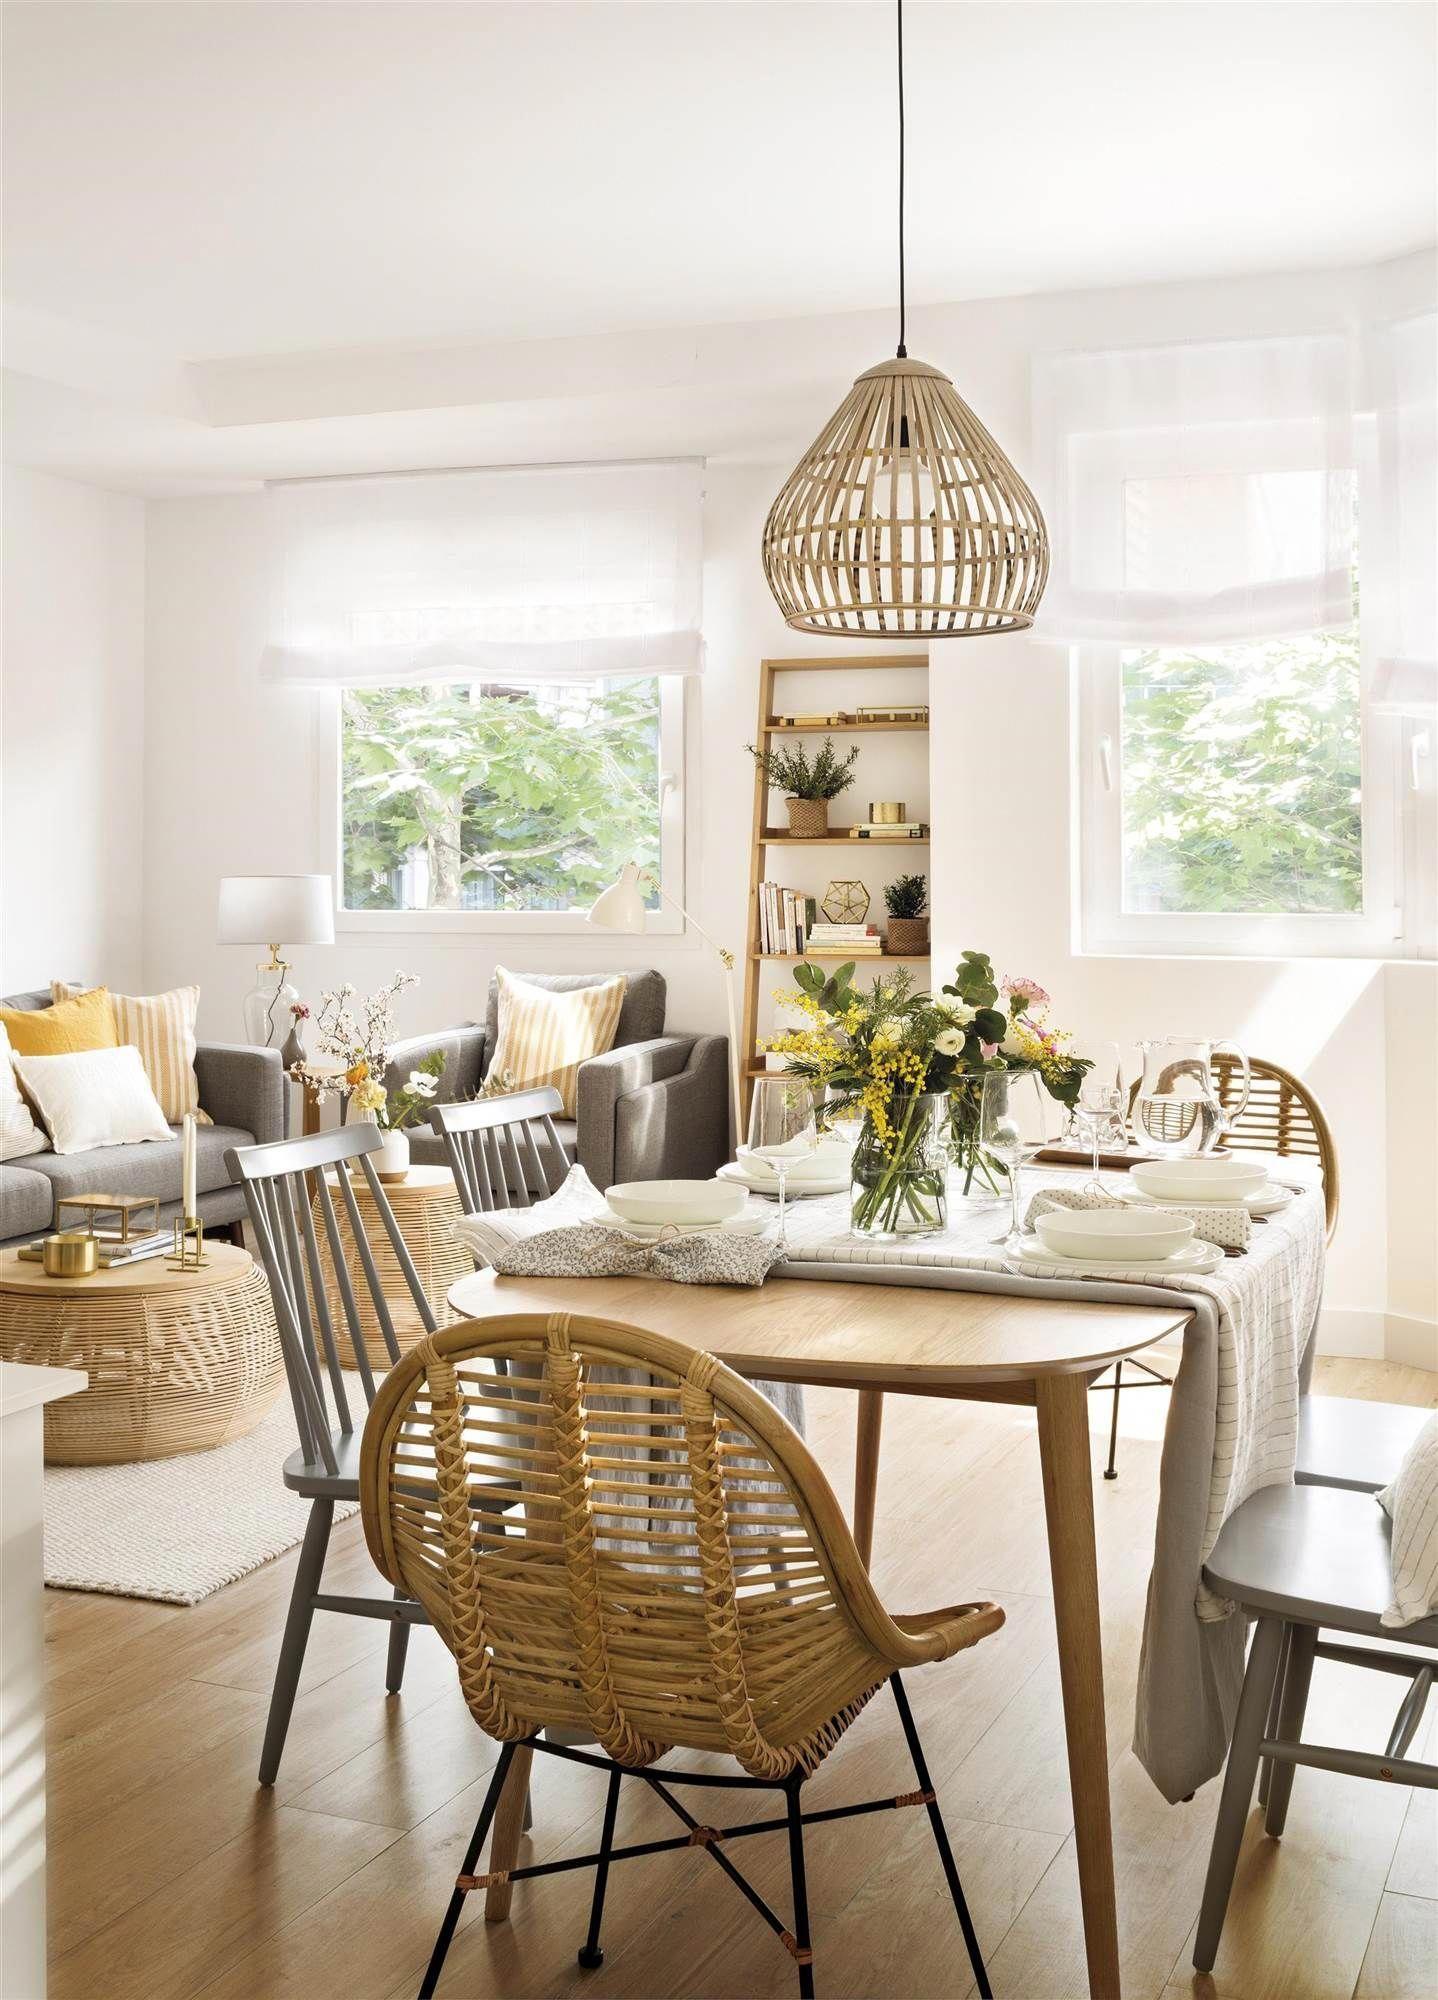 Comedor y salón de un piso pequeño. Sillas y lámpara de ratán